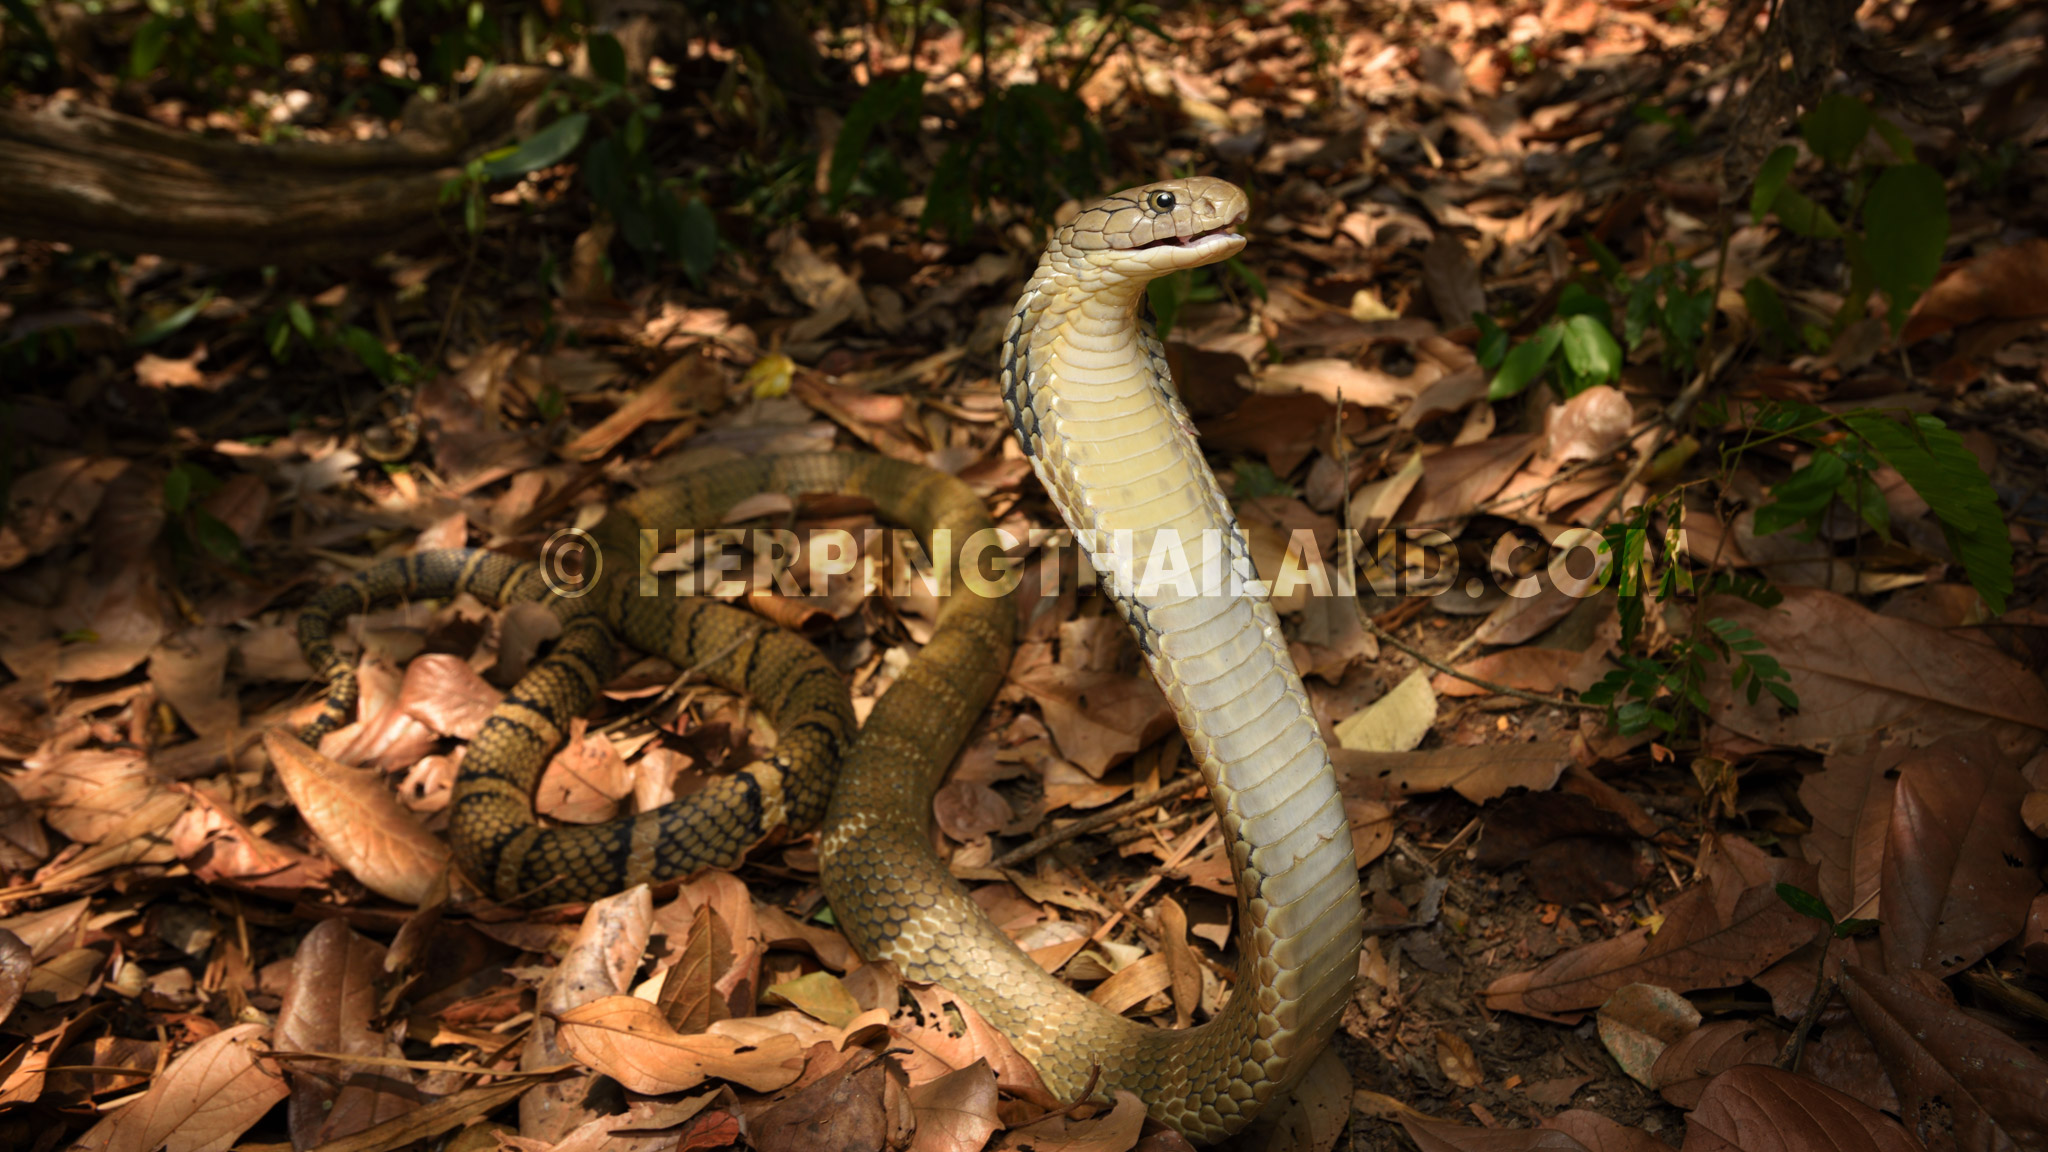 Ophiophagus hannah – King Cobra – HerpingThailand.com